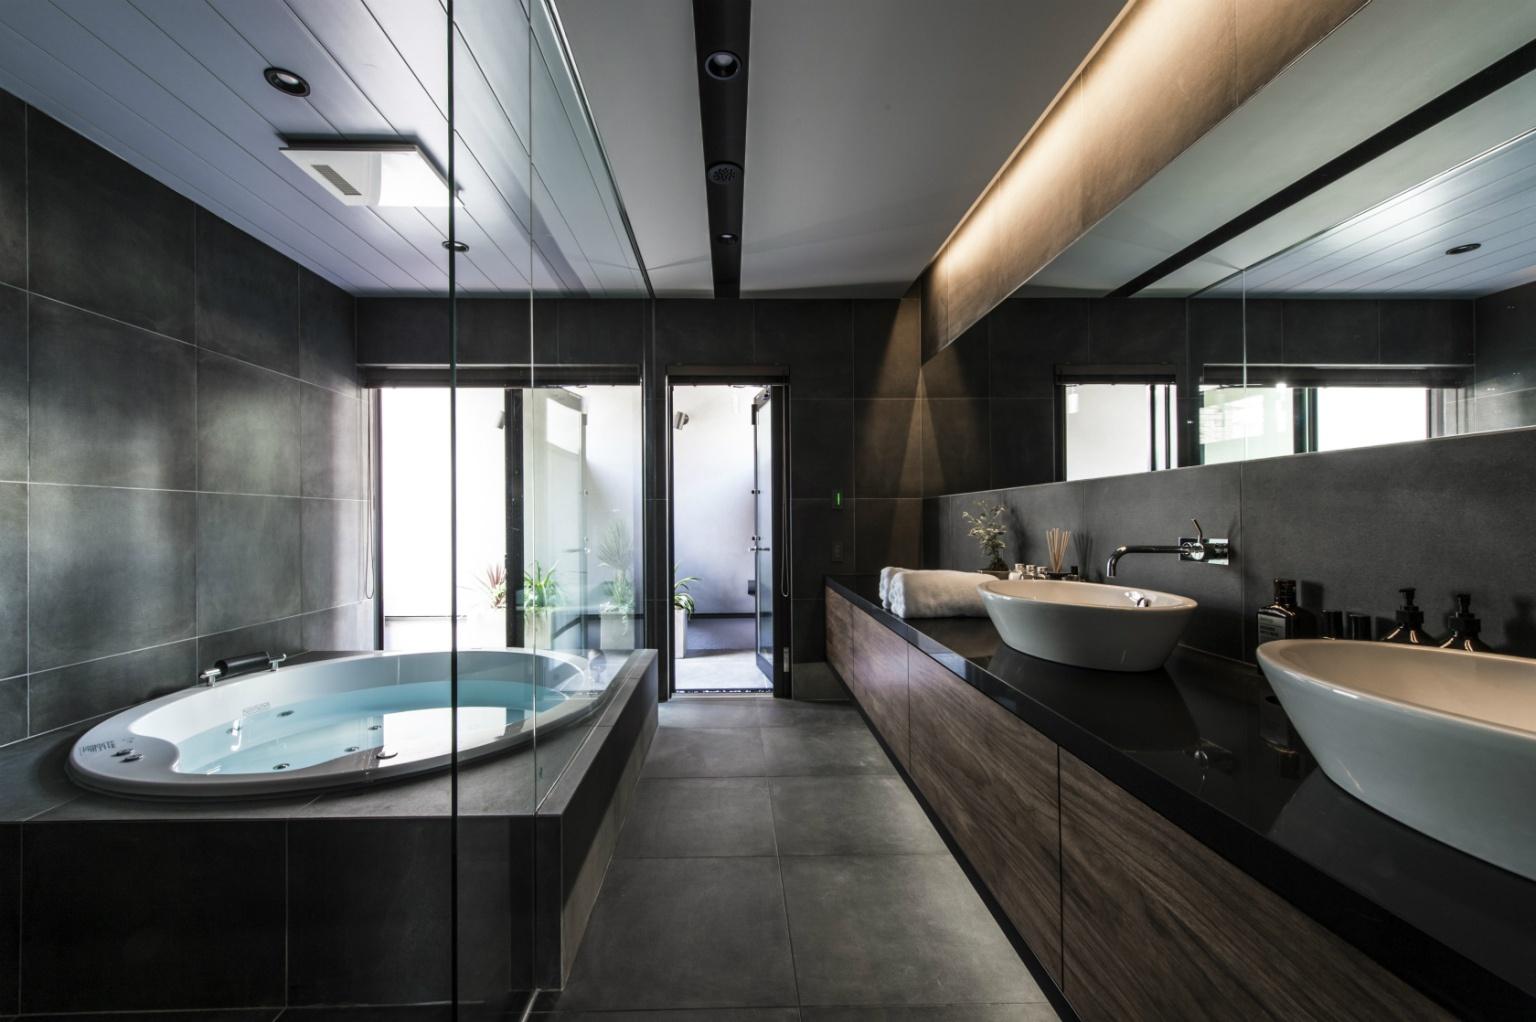 テラスと繋がるホテルライクなバスルーム